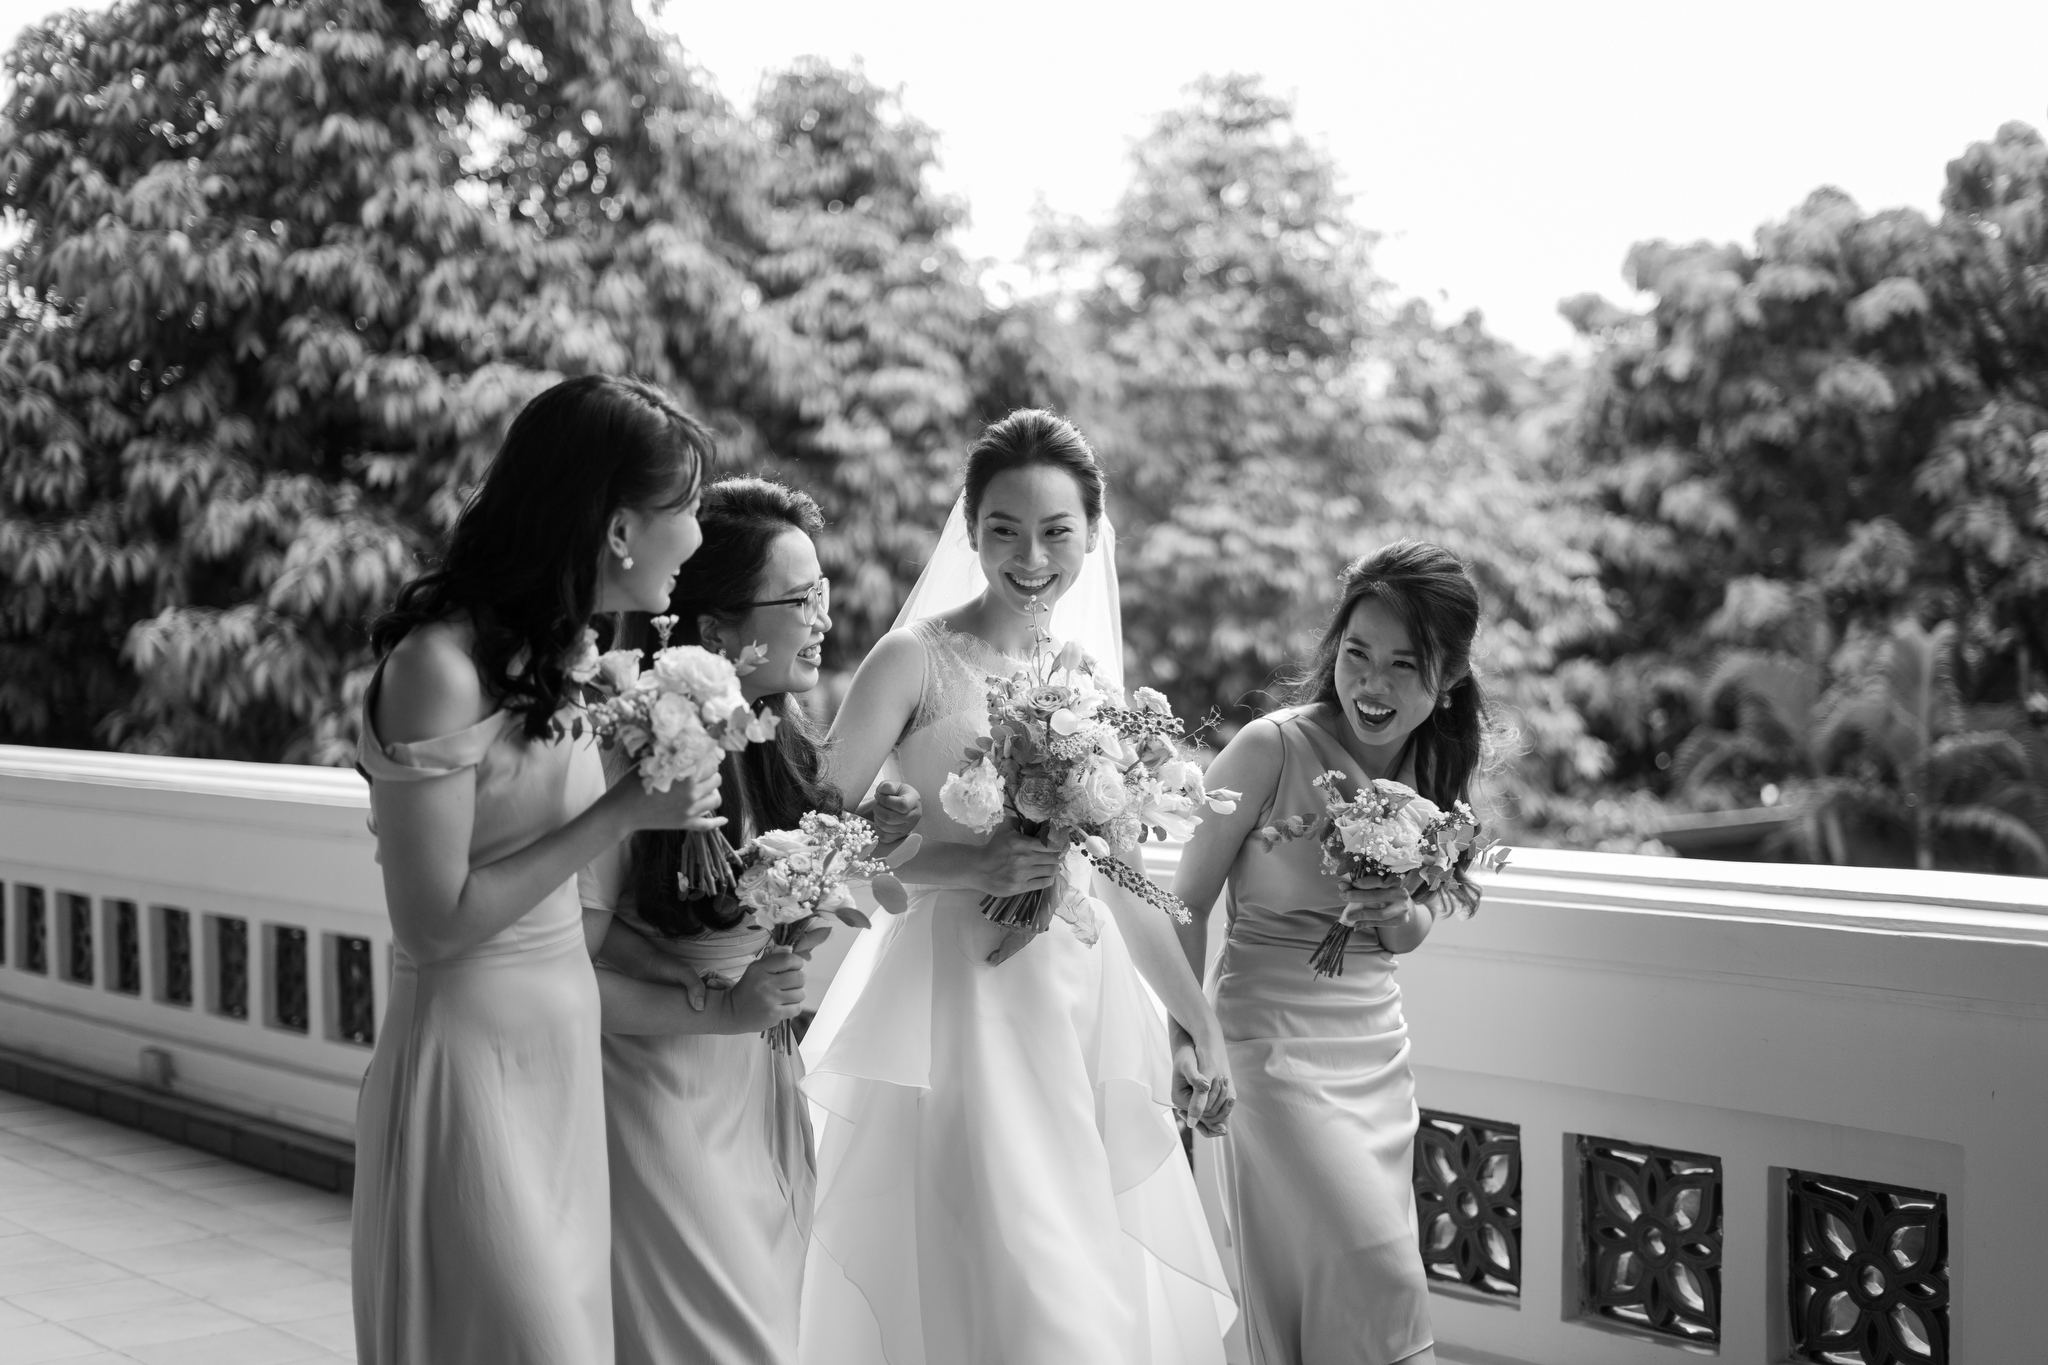 https://huk.s3.amazonaws.com/uploads/image/source/1393/Phuong-Diep-HN-Ceremony-1-0380.JPG